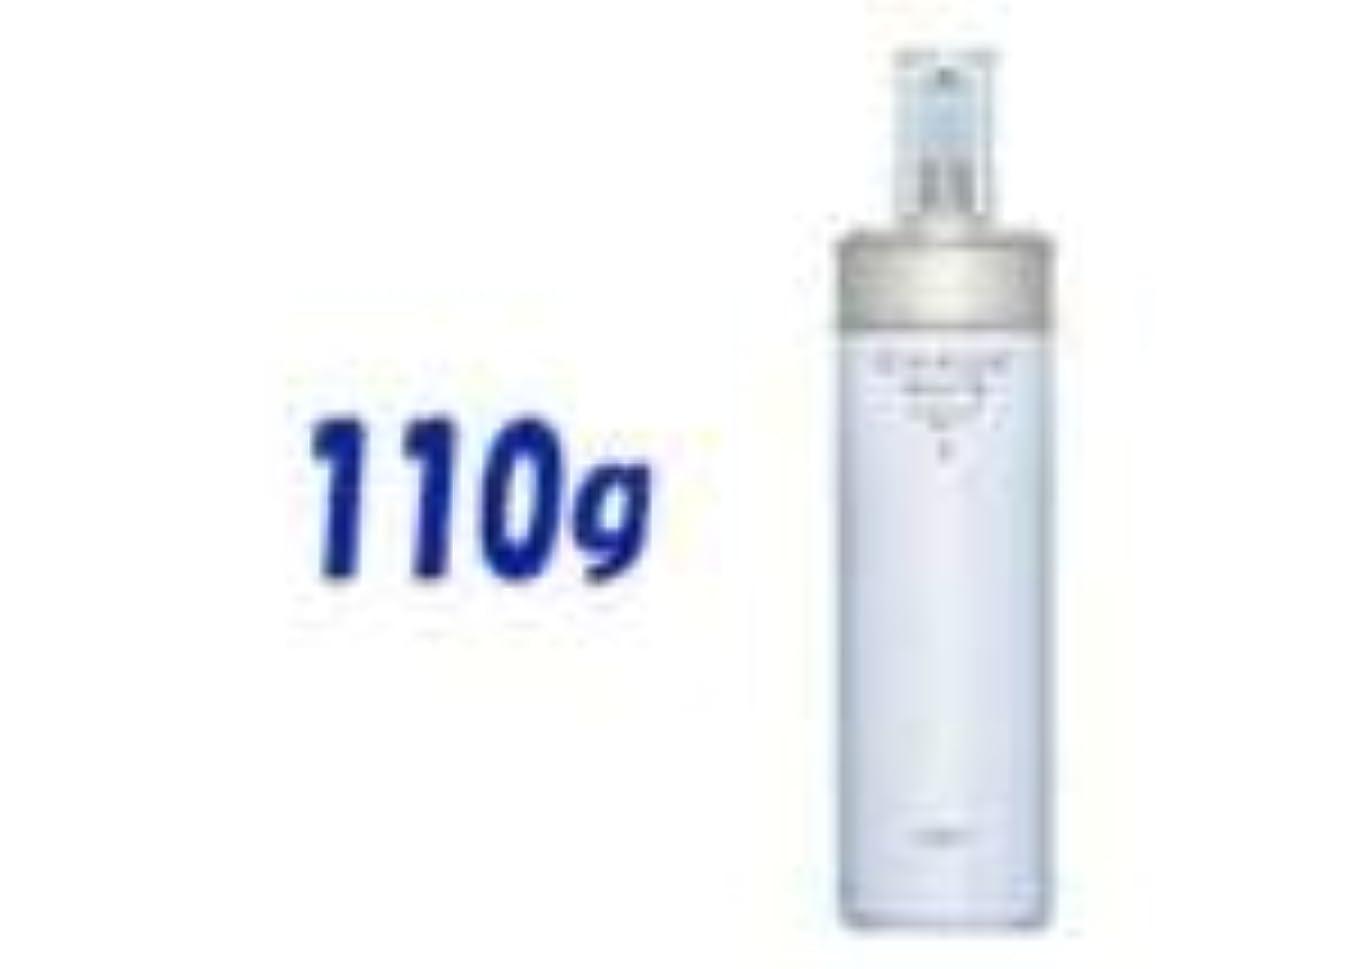 害描写人道的アルビオン エクサージュホワイト ホワイトライズ ミルクI(医薬部外品)(110g)